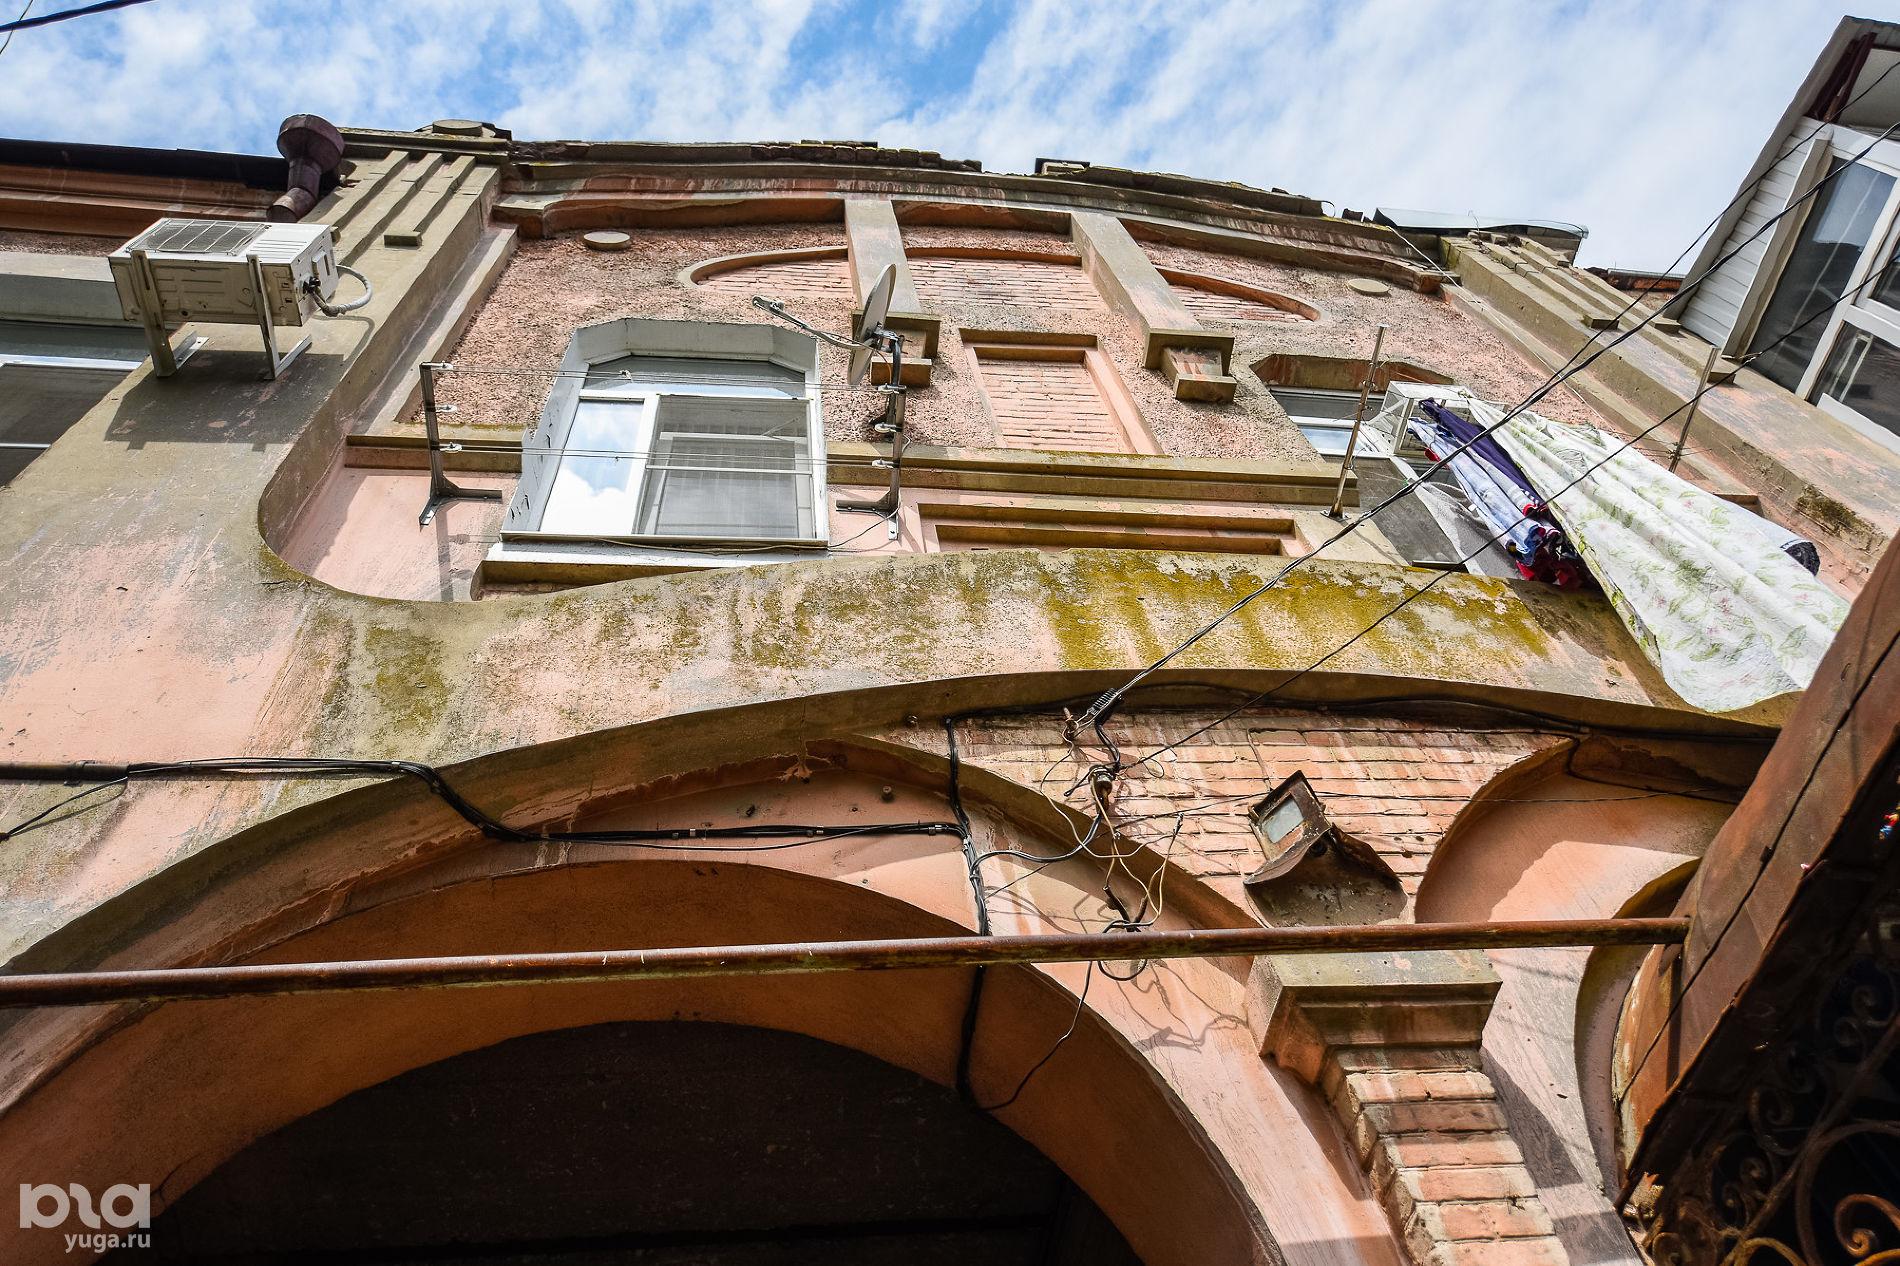 Леваневского, 27. Доходный дом, 1900–1910 гг. ©Фото Елены Синеок, Юга.ру